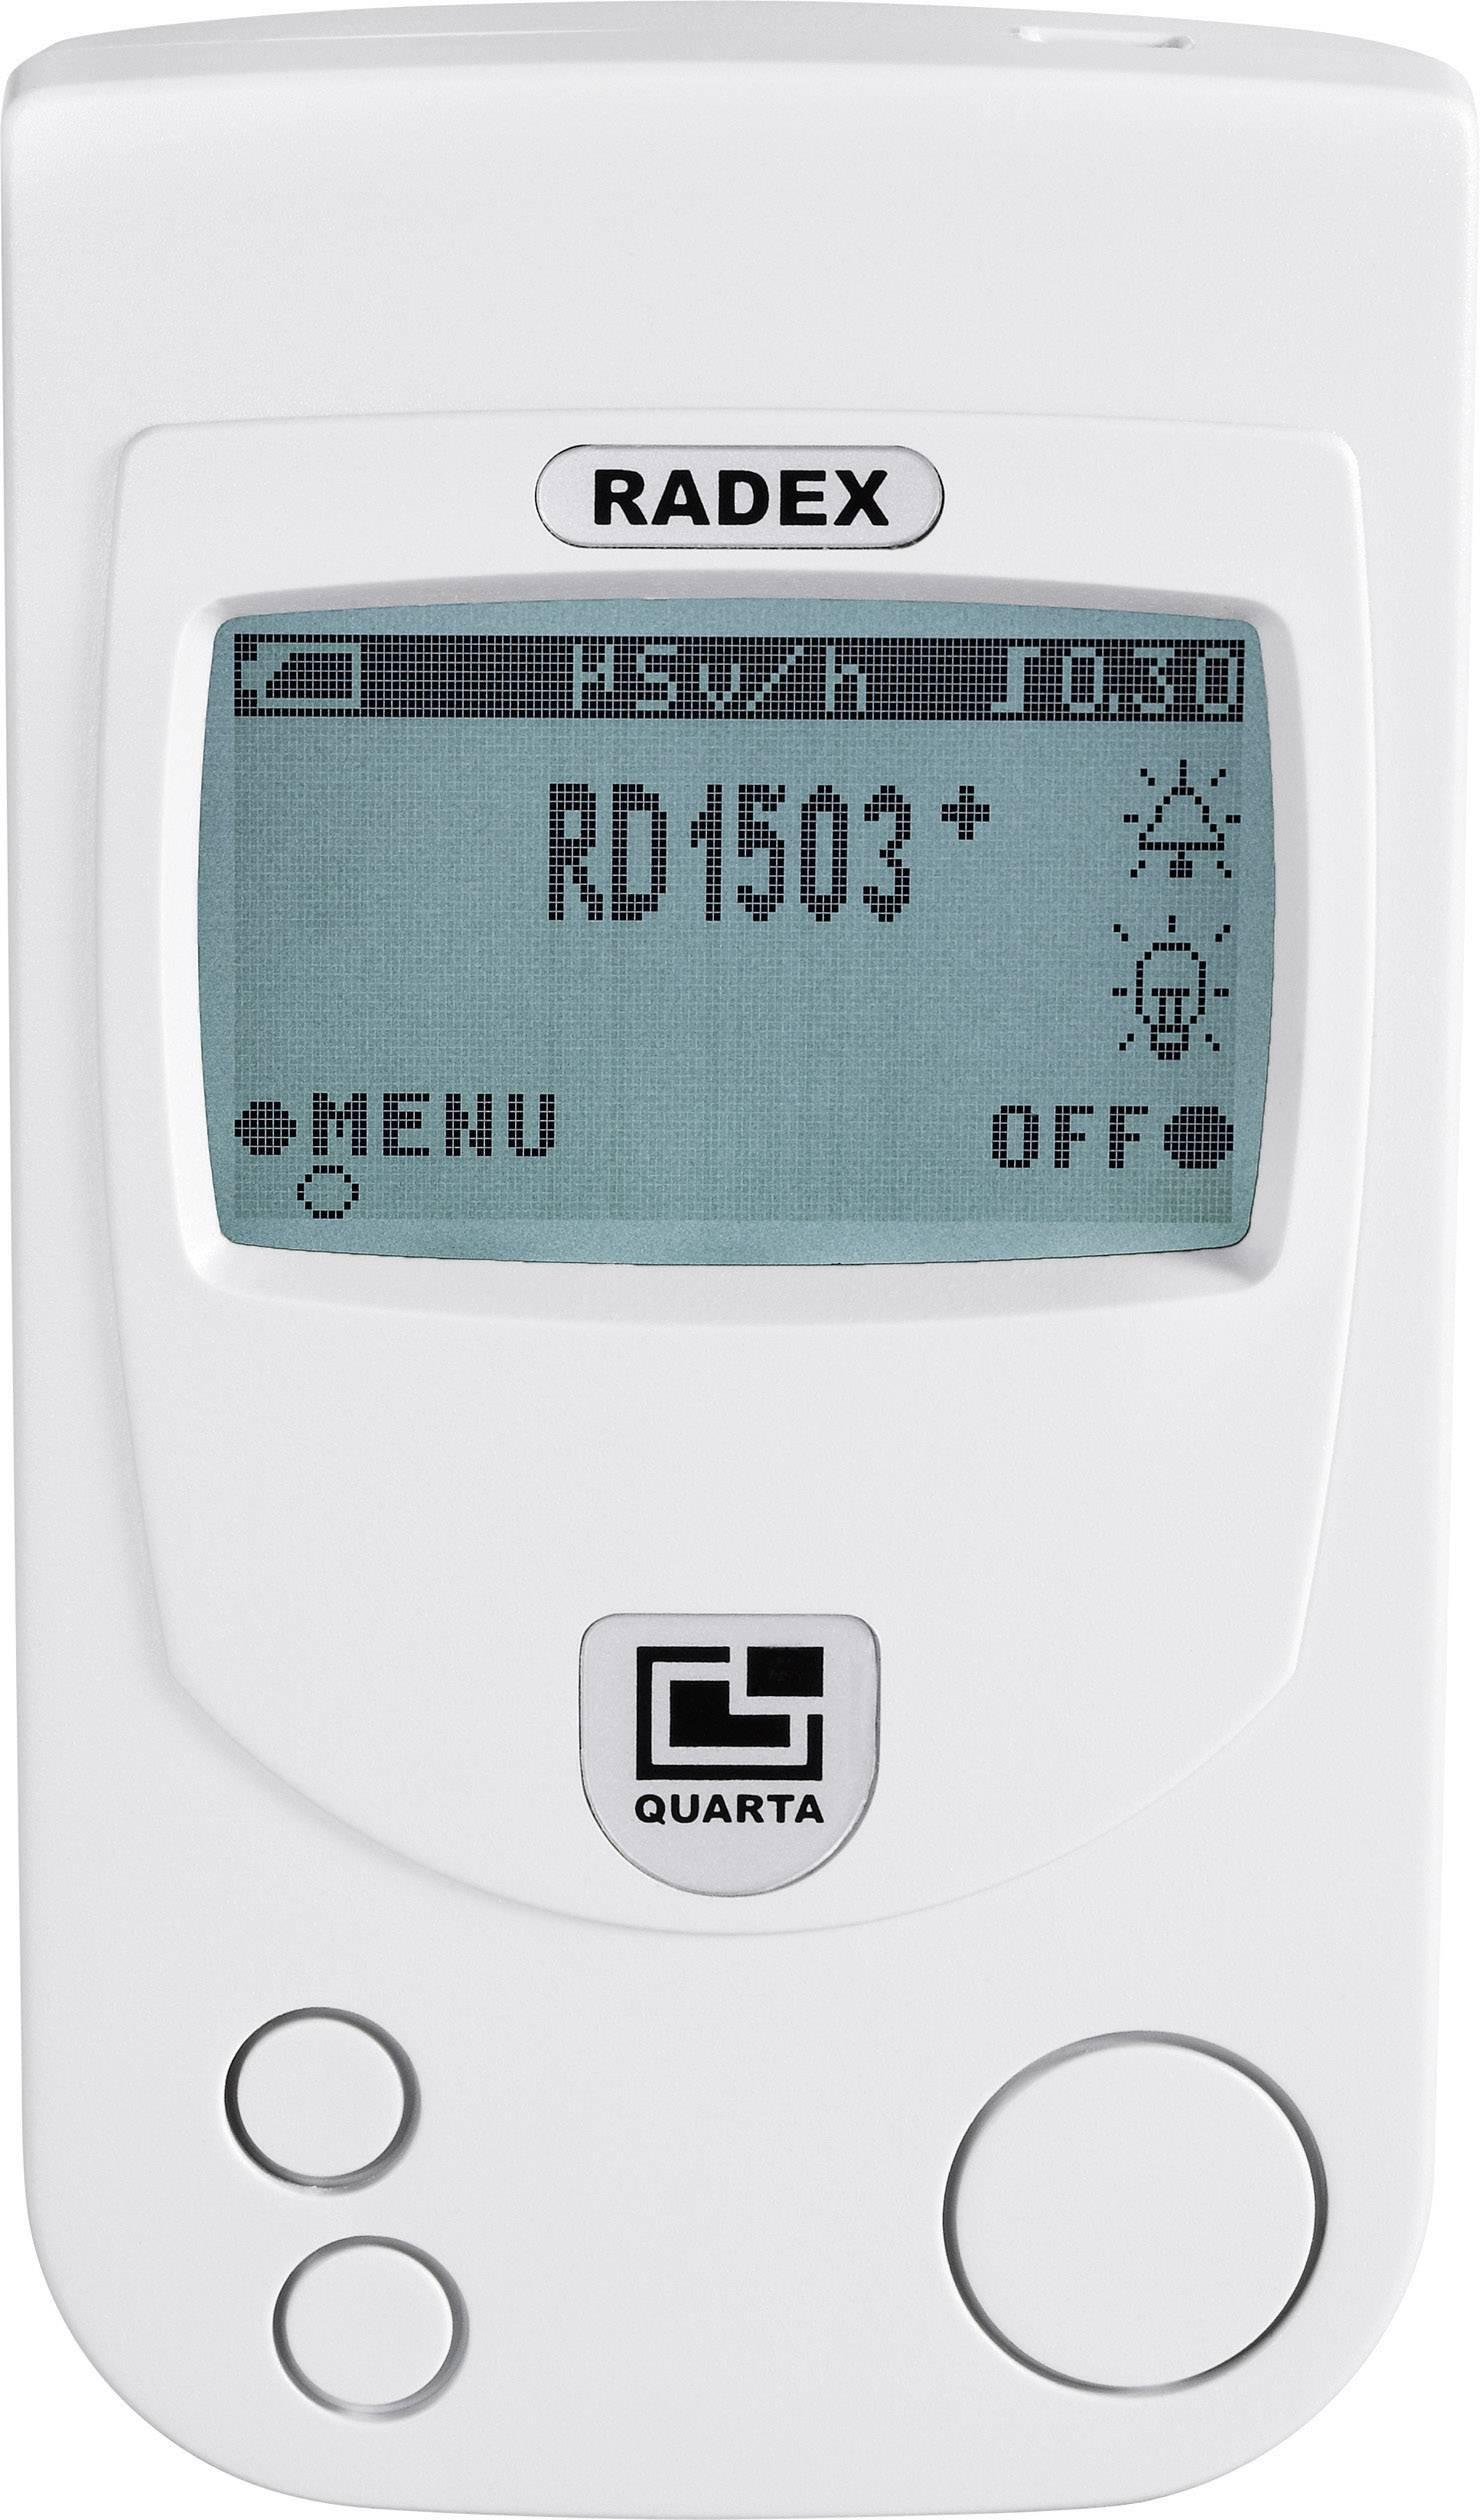 RADEX RD1503+ Geigerzähler Strahlung: Beta, Gamma, Röntgen